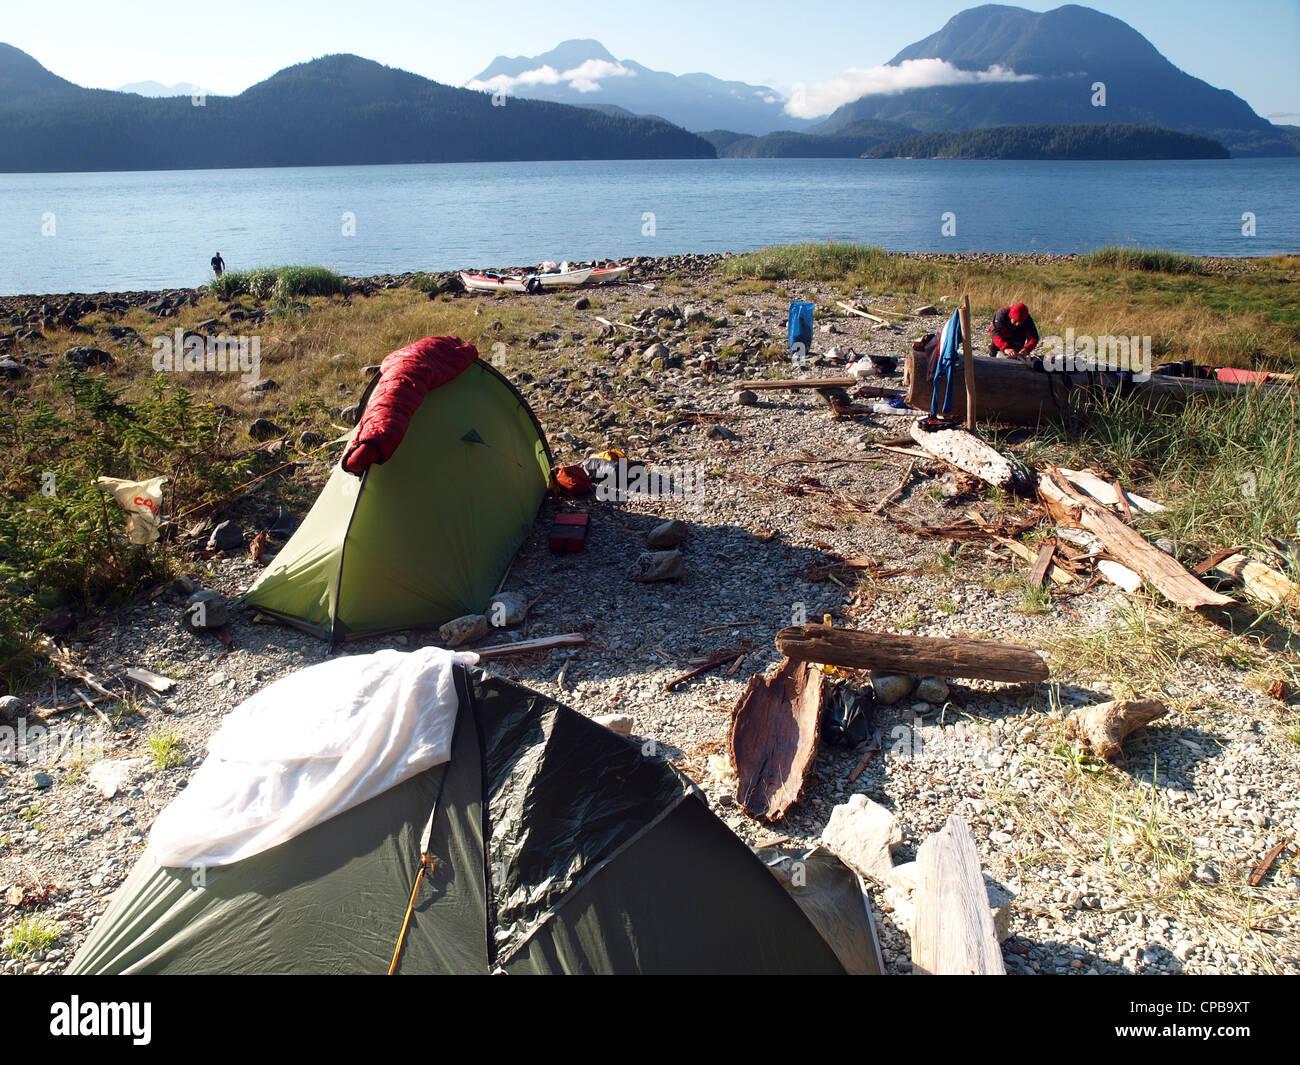 Camping en la Toba Inlet, BC, durante una expedición en kayak de mar, kayak de mar en la desolación de Imagen De Stock